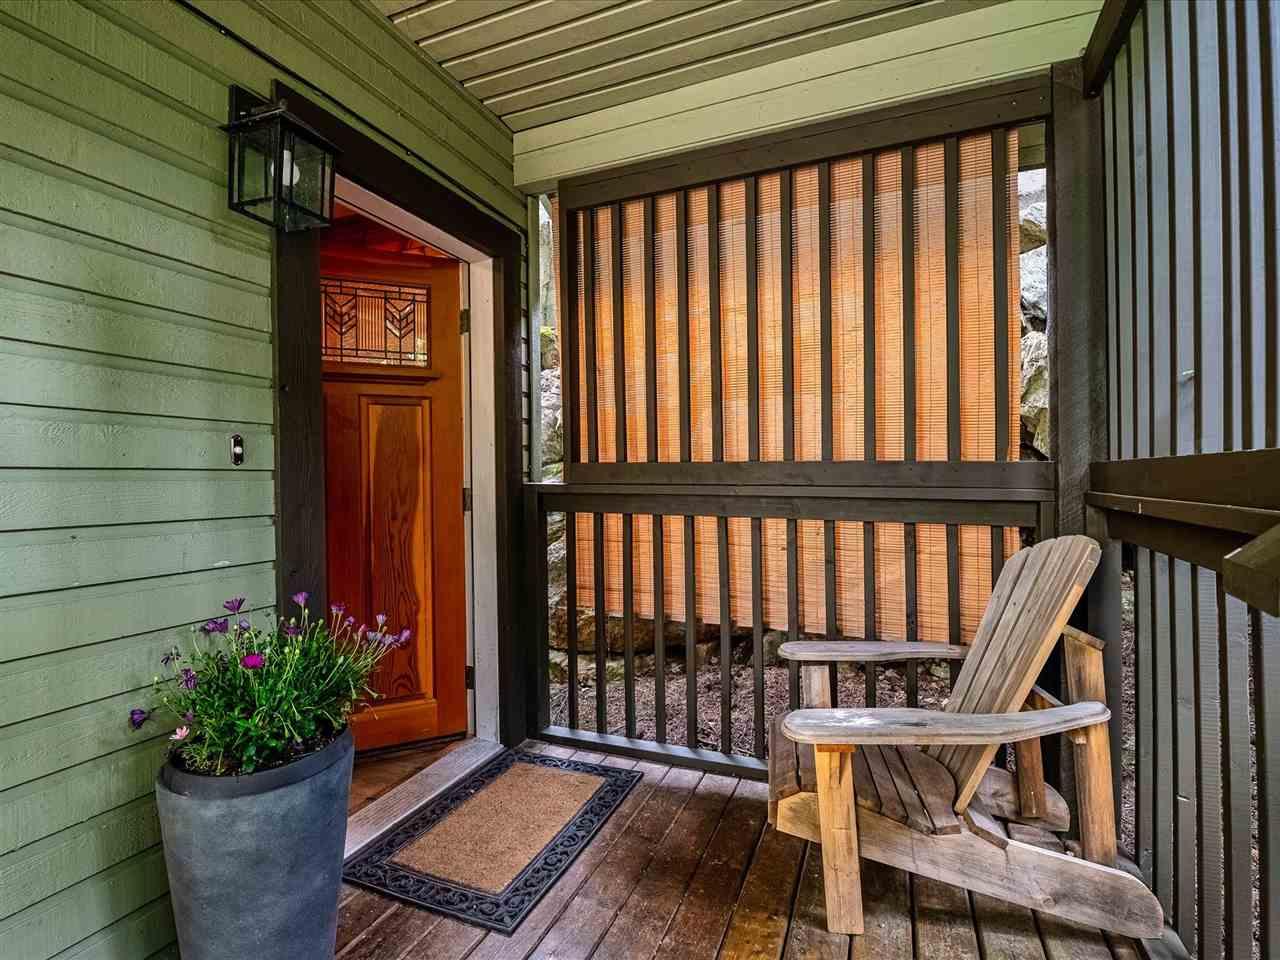 72 2222 BRANDYWINE WAY - Bayshores 1/2 Duplex for sale, 3 Bedrooms (R2591139) - #24